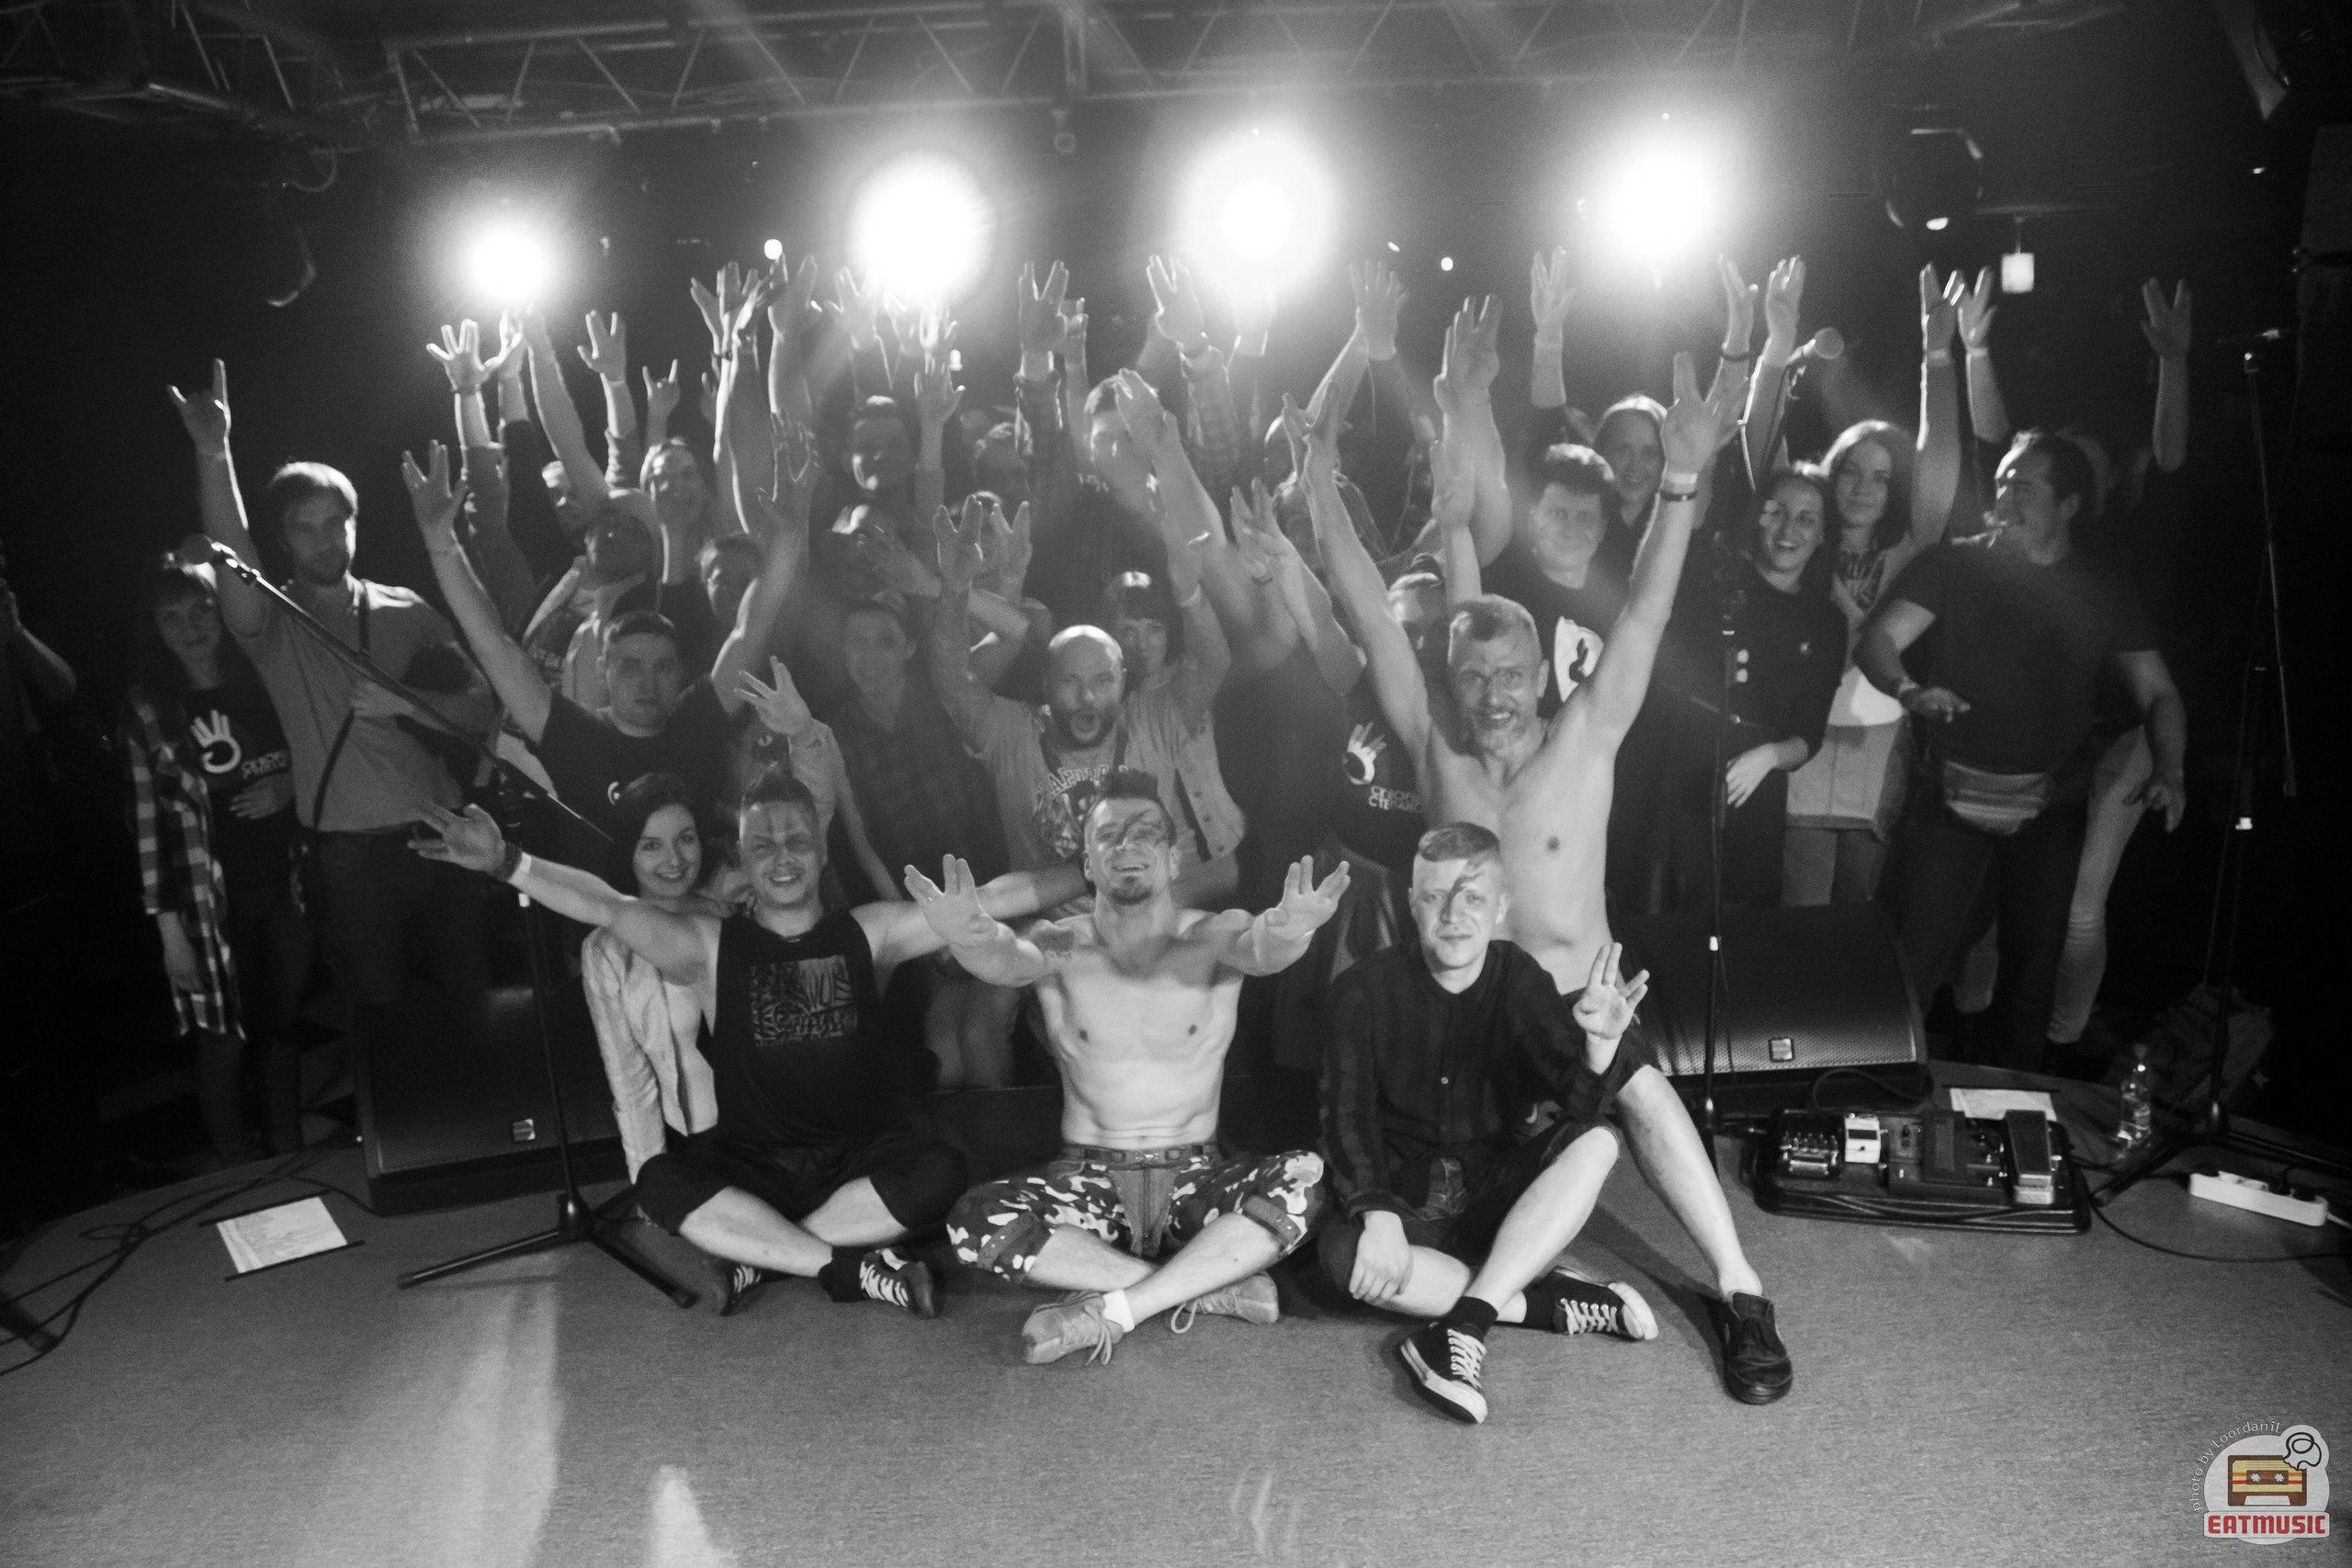 Концерт группы Скворцы Степанова в клубе Grenadine 10-03-17: репортаж, фото Роман Воронин